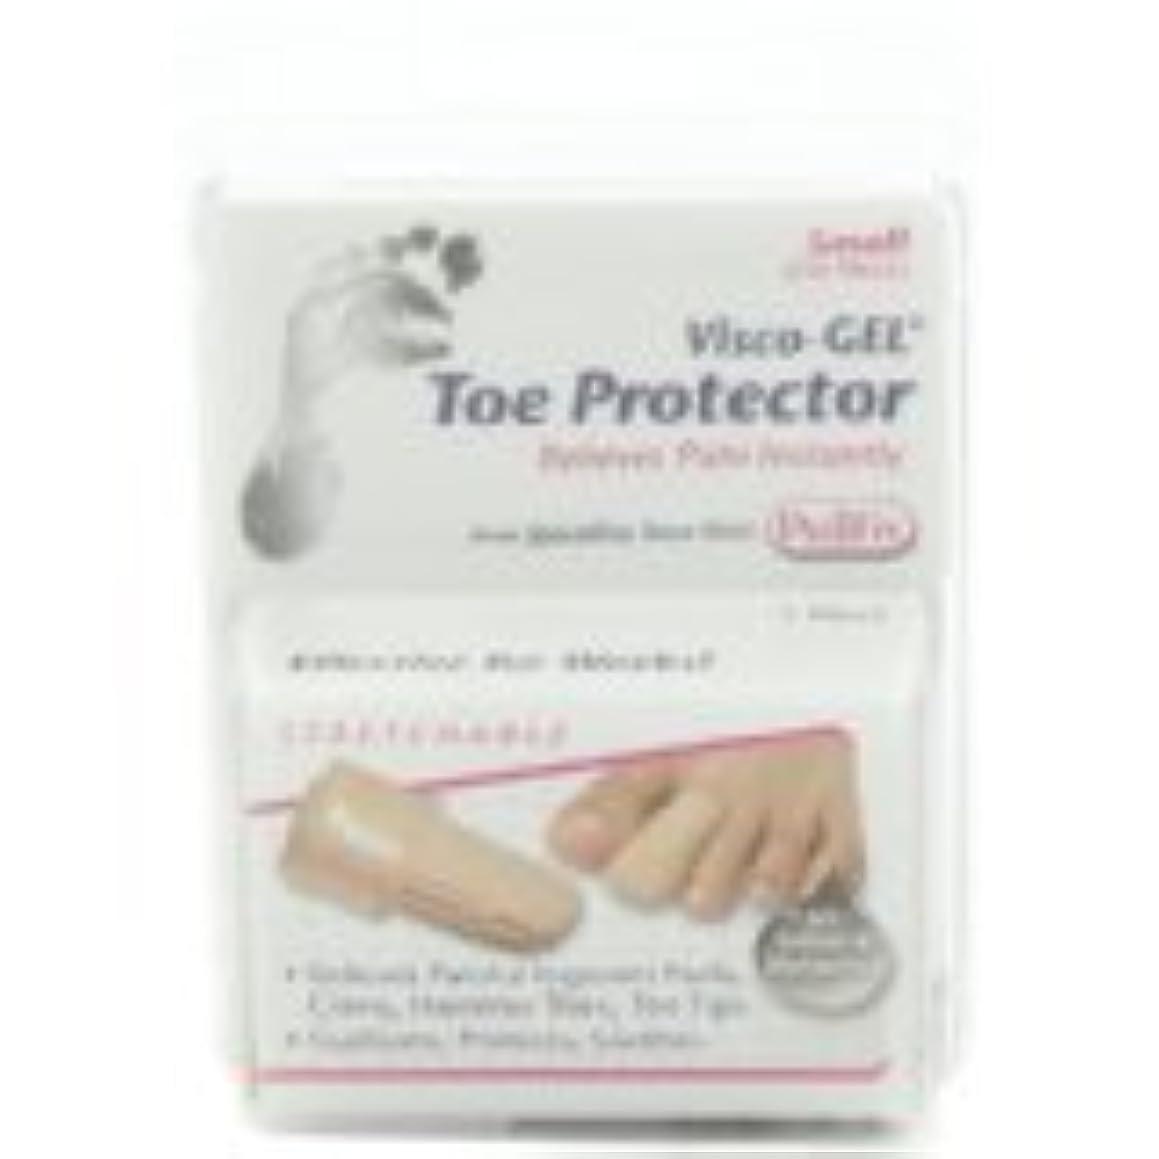 火山記憶小康足指保護キャップ 伸縮性リブ織り生地製(P82-XL)